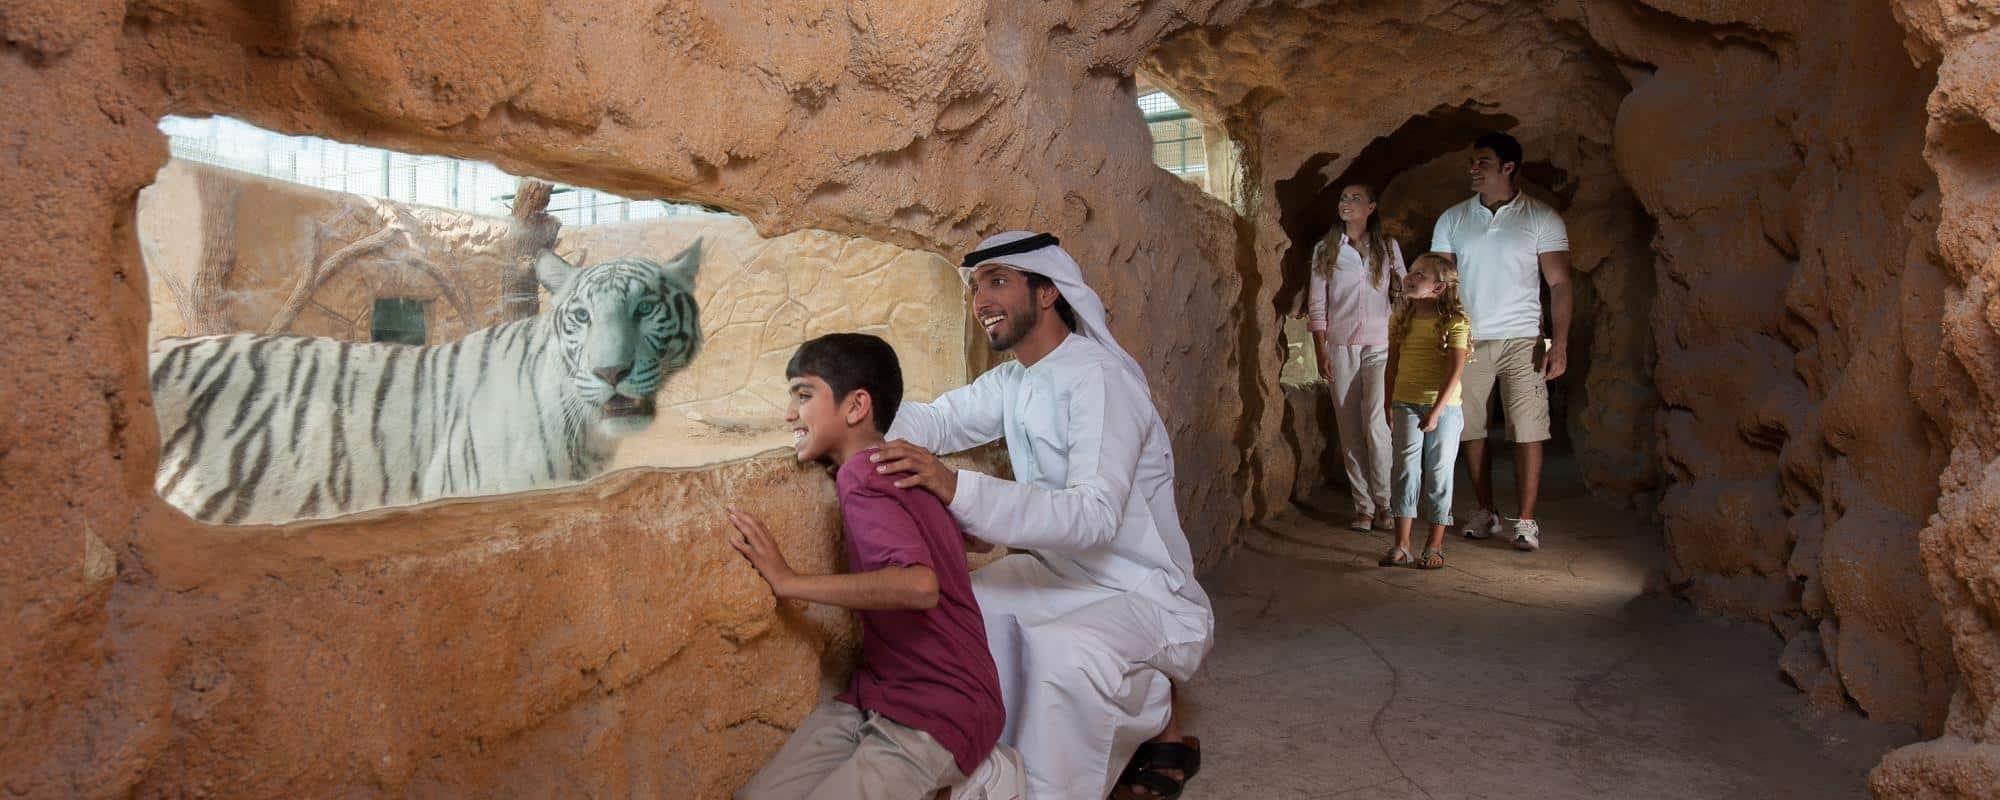 اجمل الحدائق في دبي :حديقة حيوانات دبي